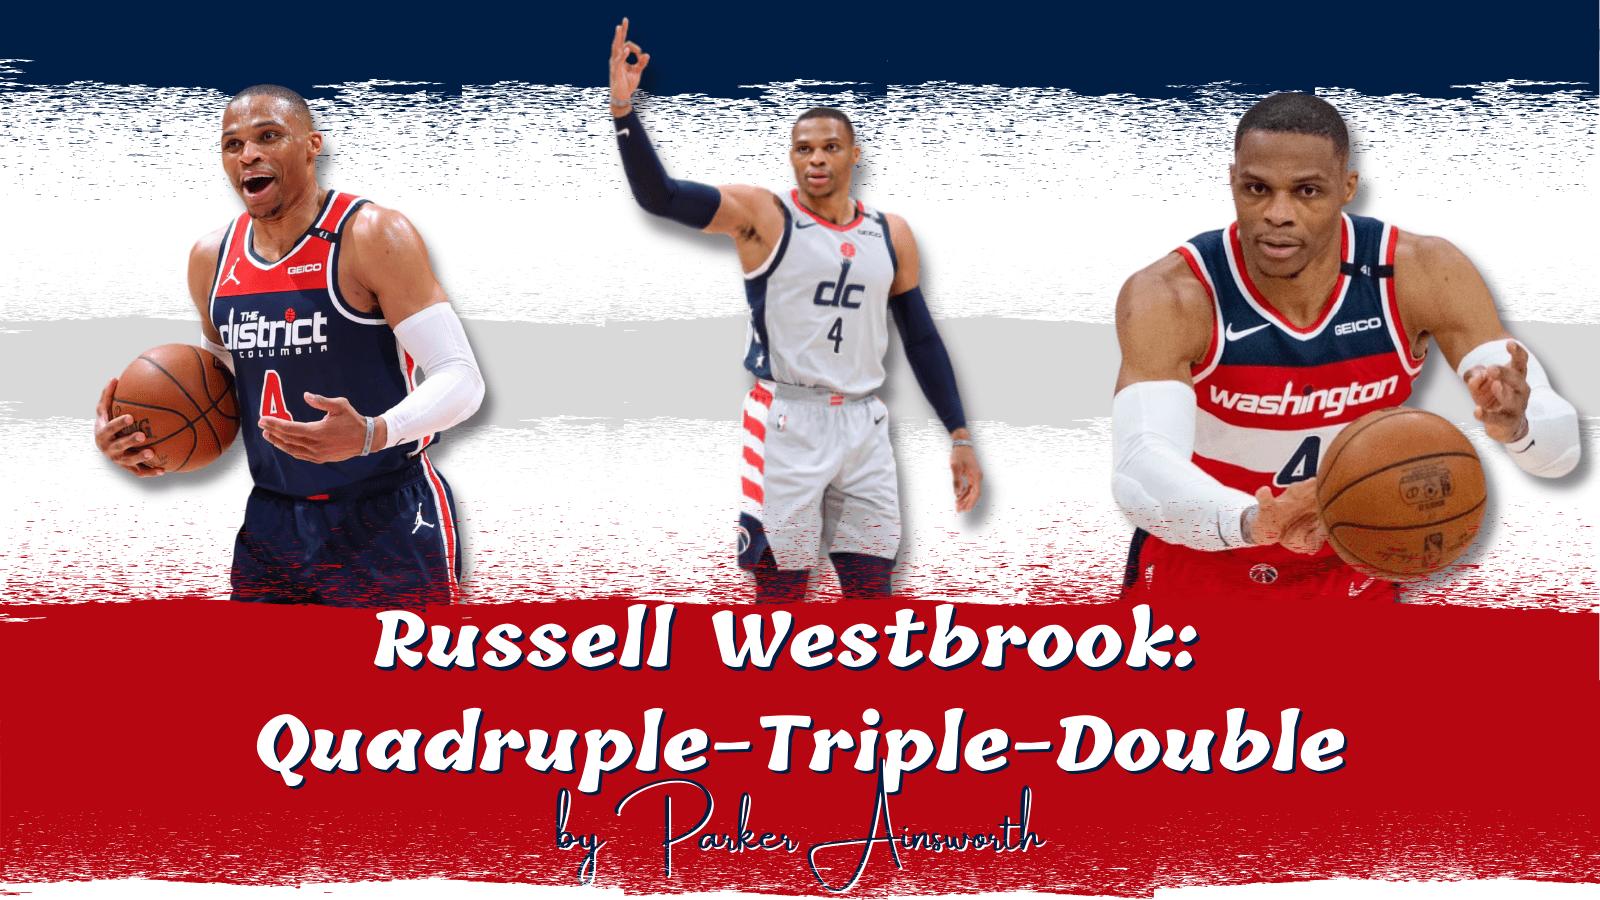 Russell Westbrook: Quadruple-Triple-Double